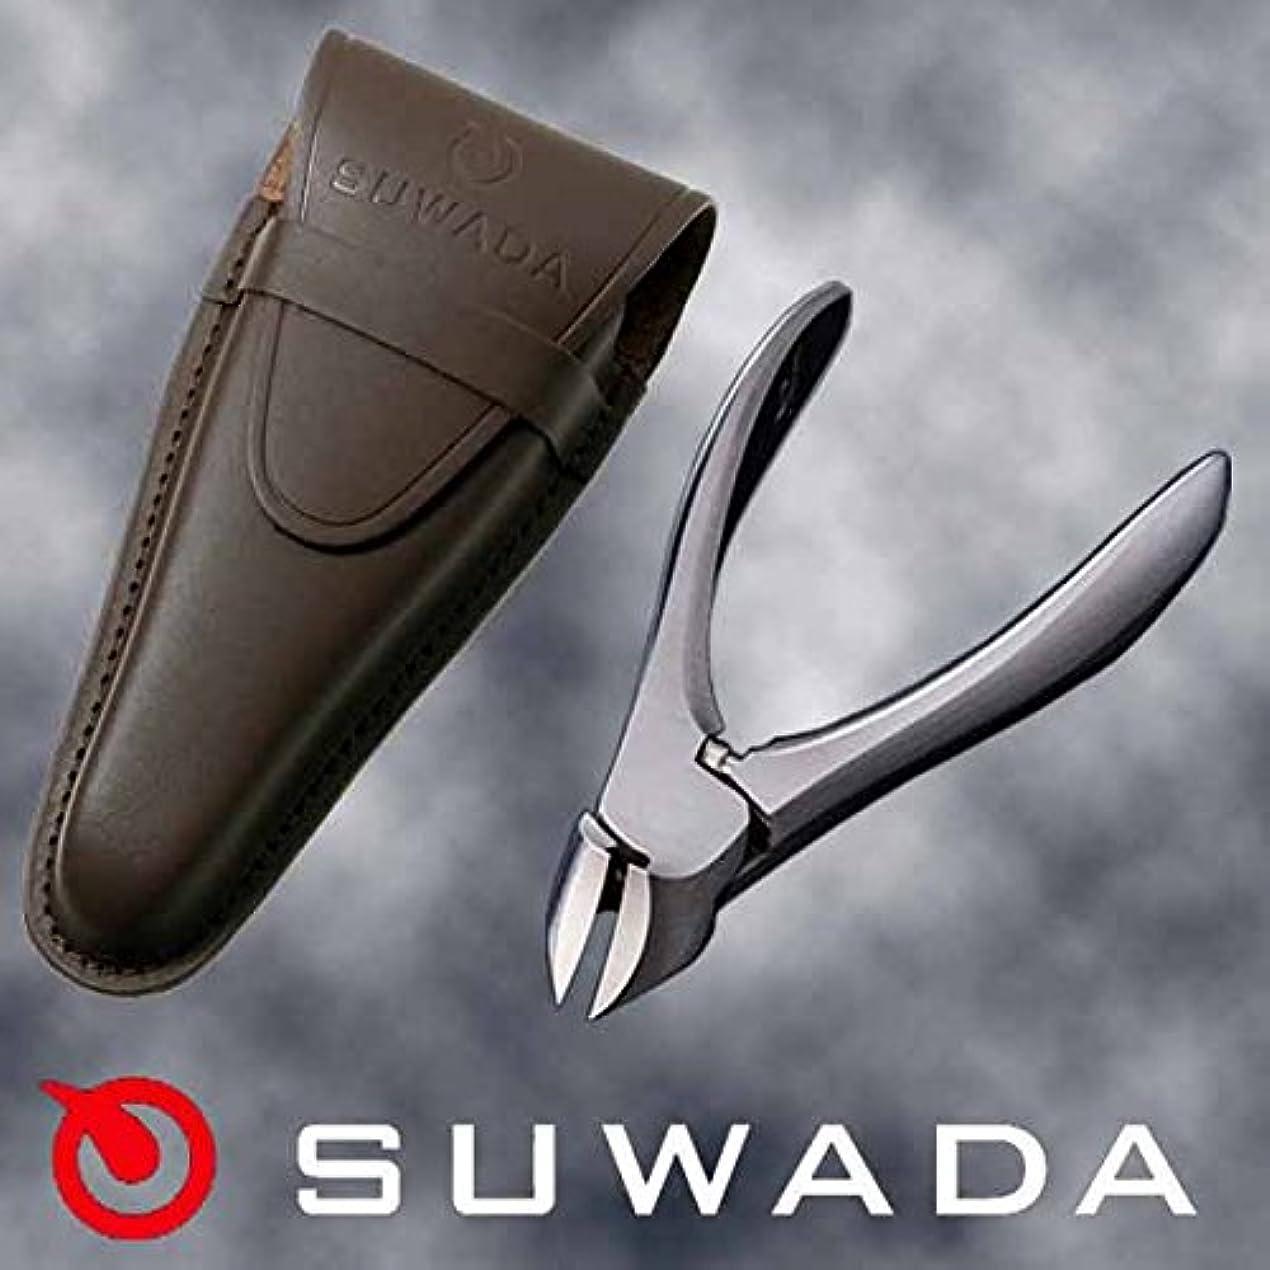 陽気な電卓温帯SUWADA爪切りクラシックL&ブラウン(茶)革ケースセット 特注モデル 諏訪田製作所製 スワダの爪切り